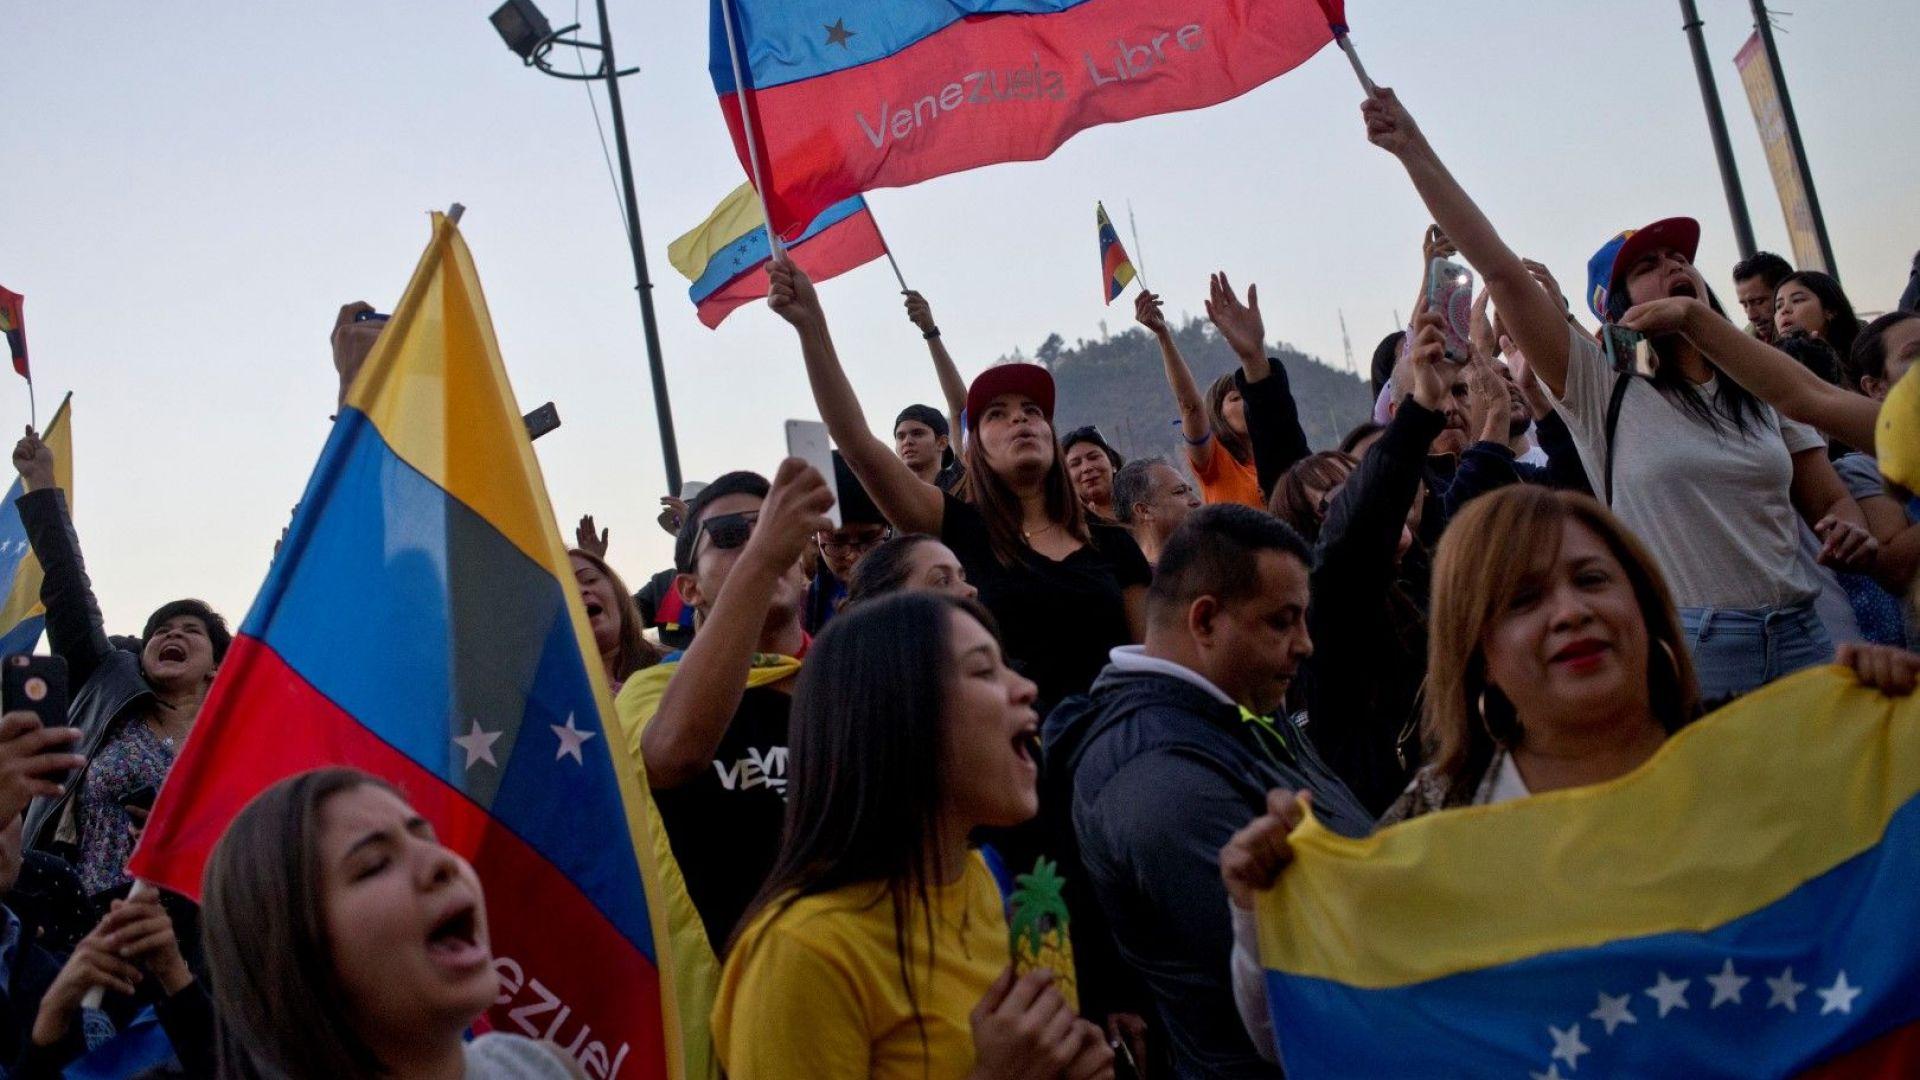 САЩ се подготвят за военни действия във Венецуела, Лавров предупреди Помпейо